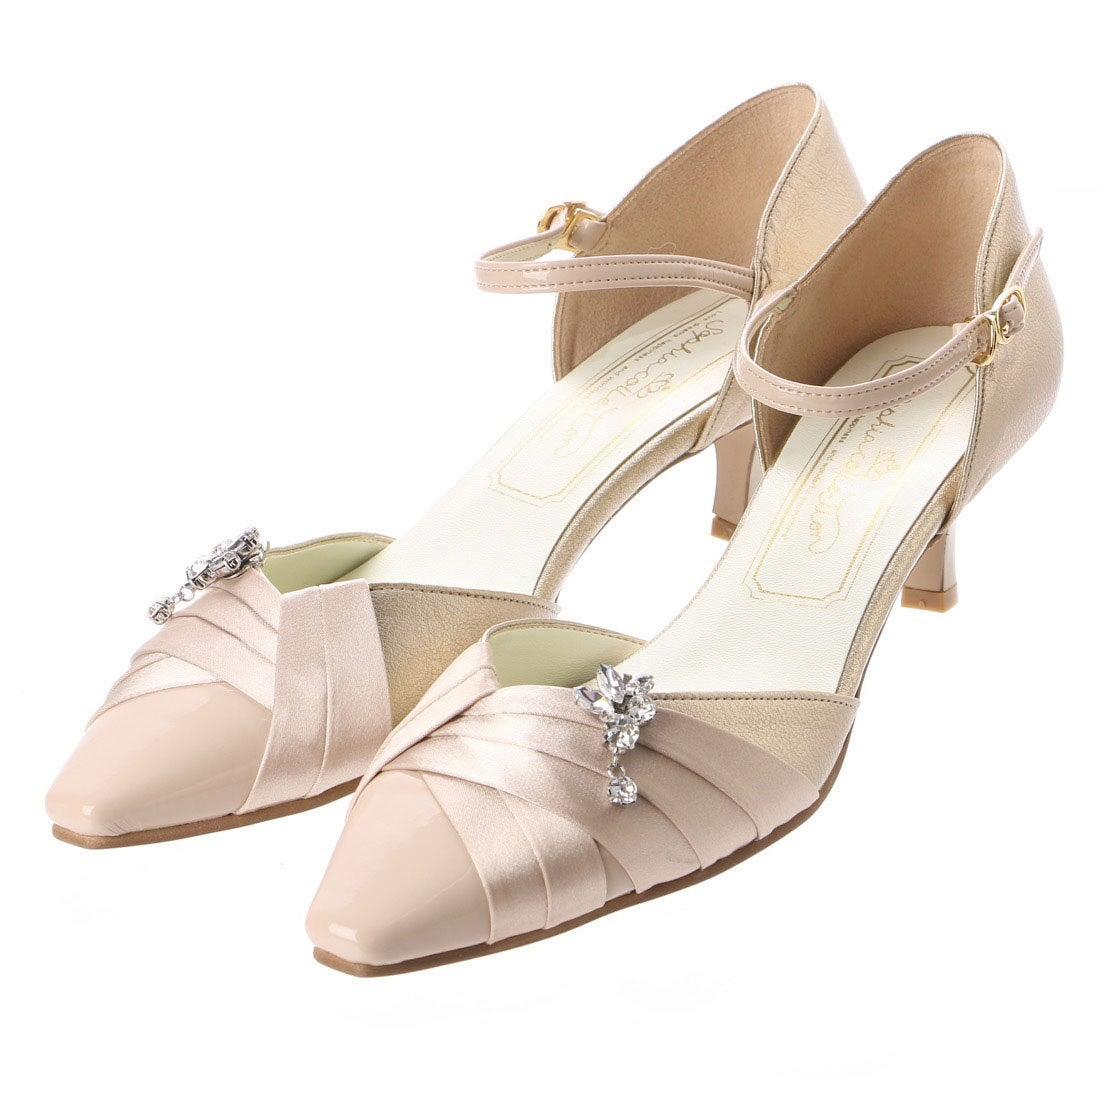 ロコンド 靴とファッションの通販サイトソフィアコレクションSophiacollectionブライダルパンプス(ゴールド)